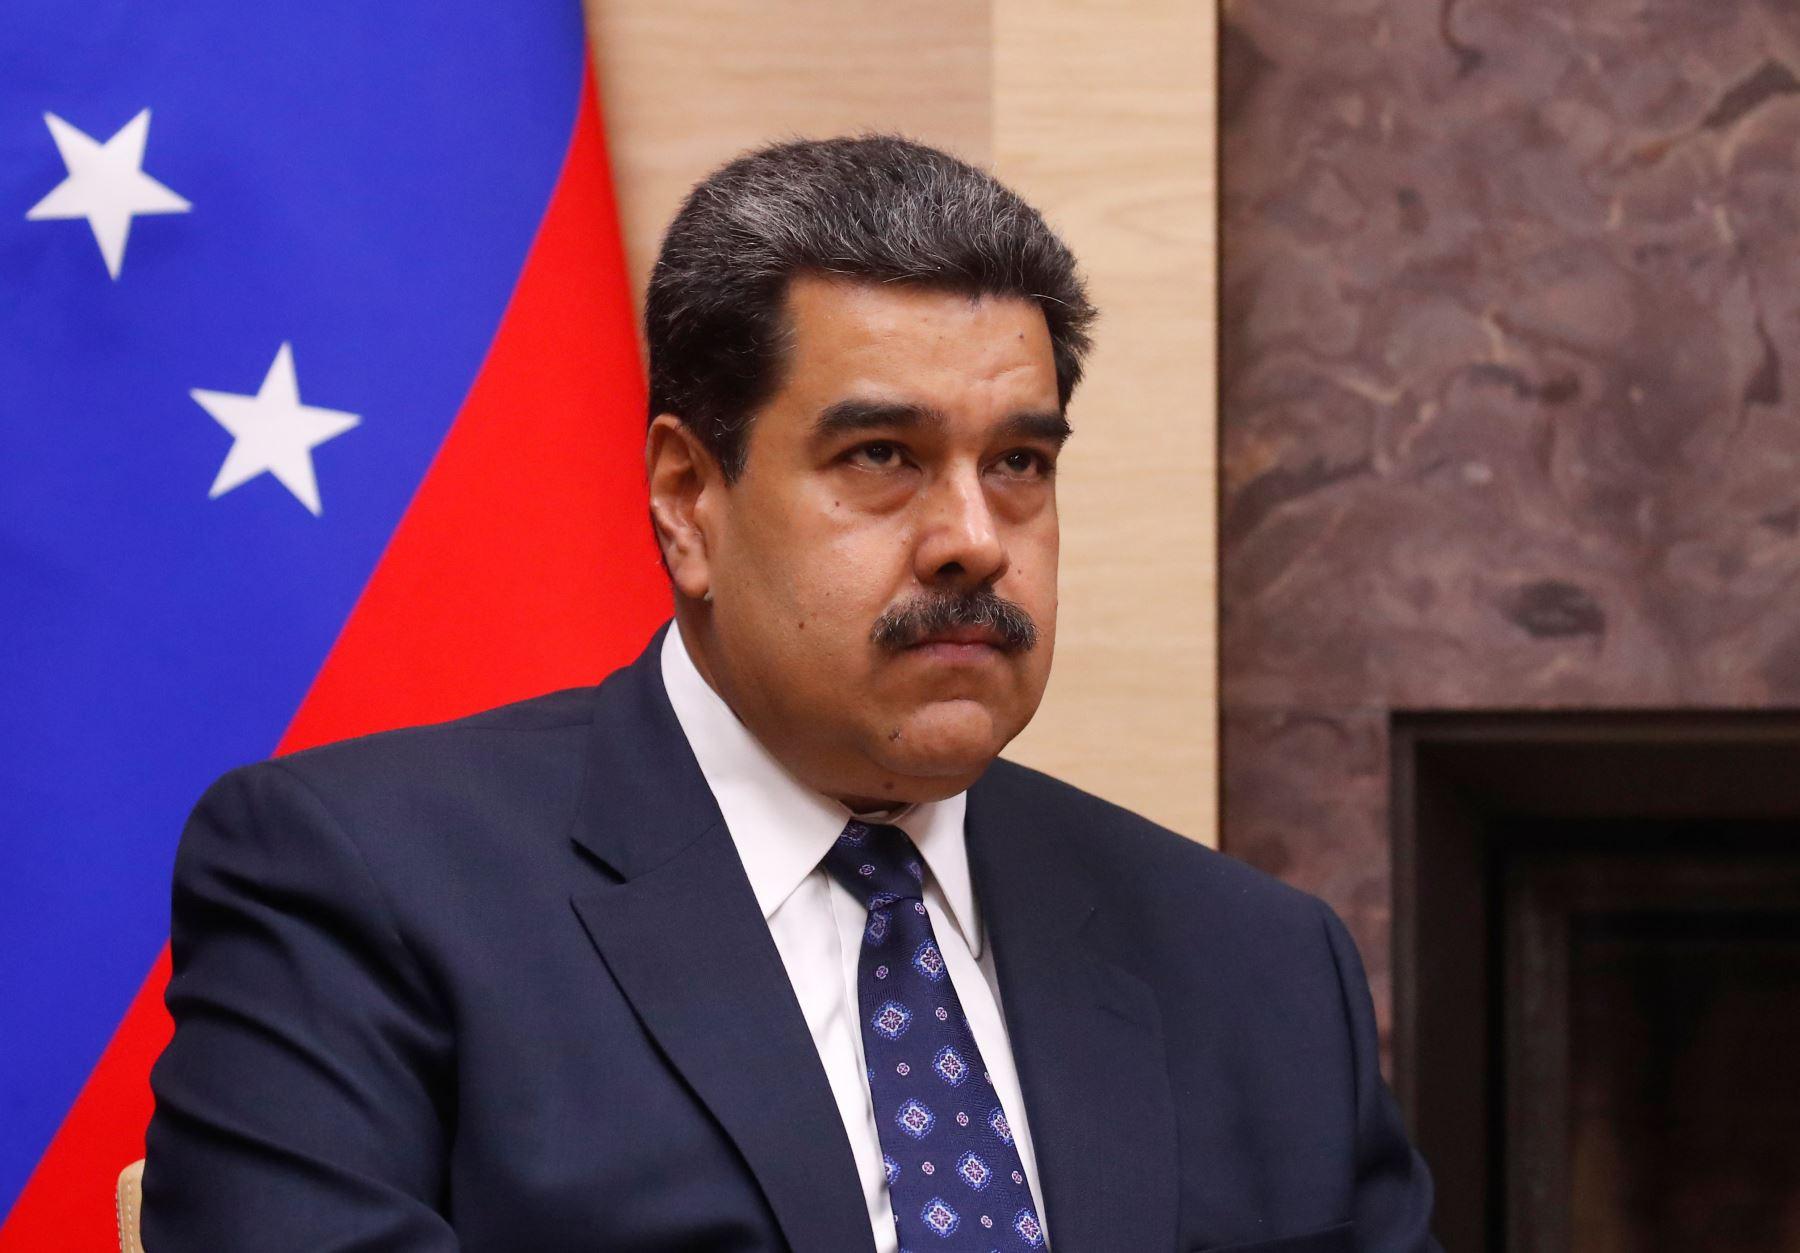 El presidente de Venezuela, Nicolás Maduro, durante su visita a Rusia. Foto: AFP.